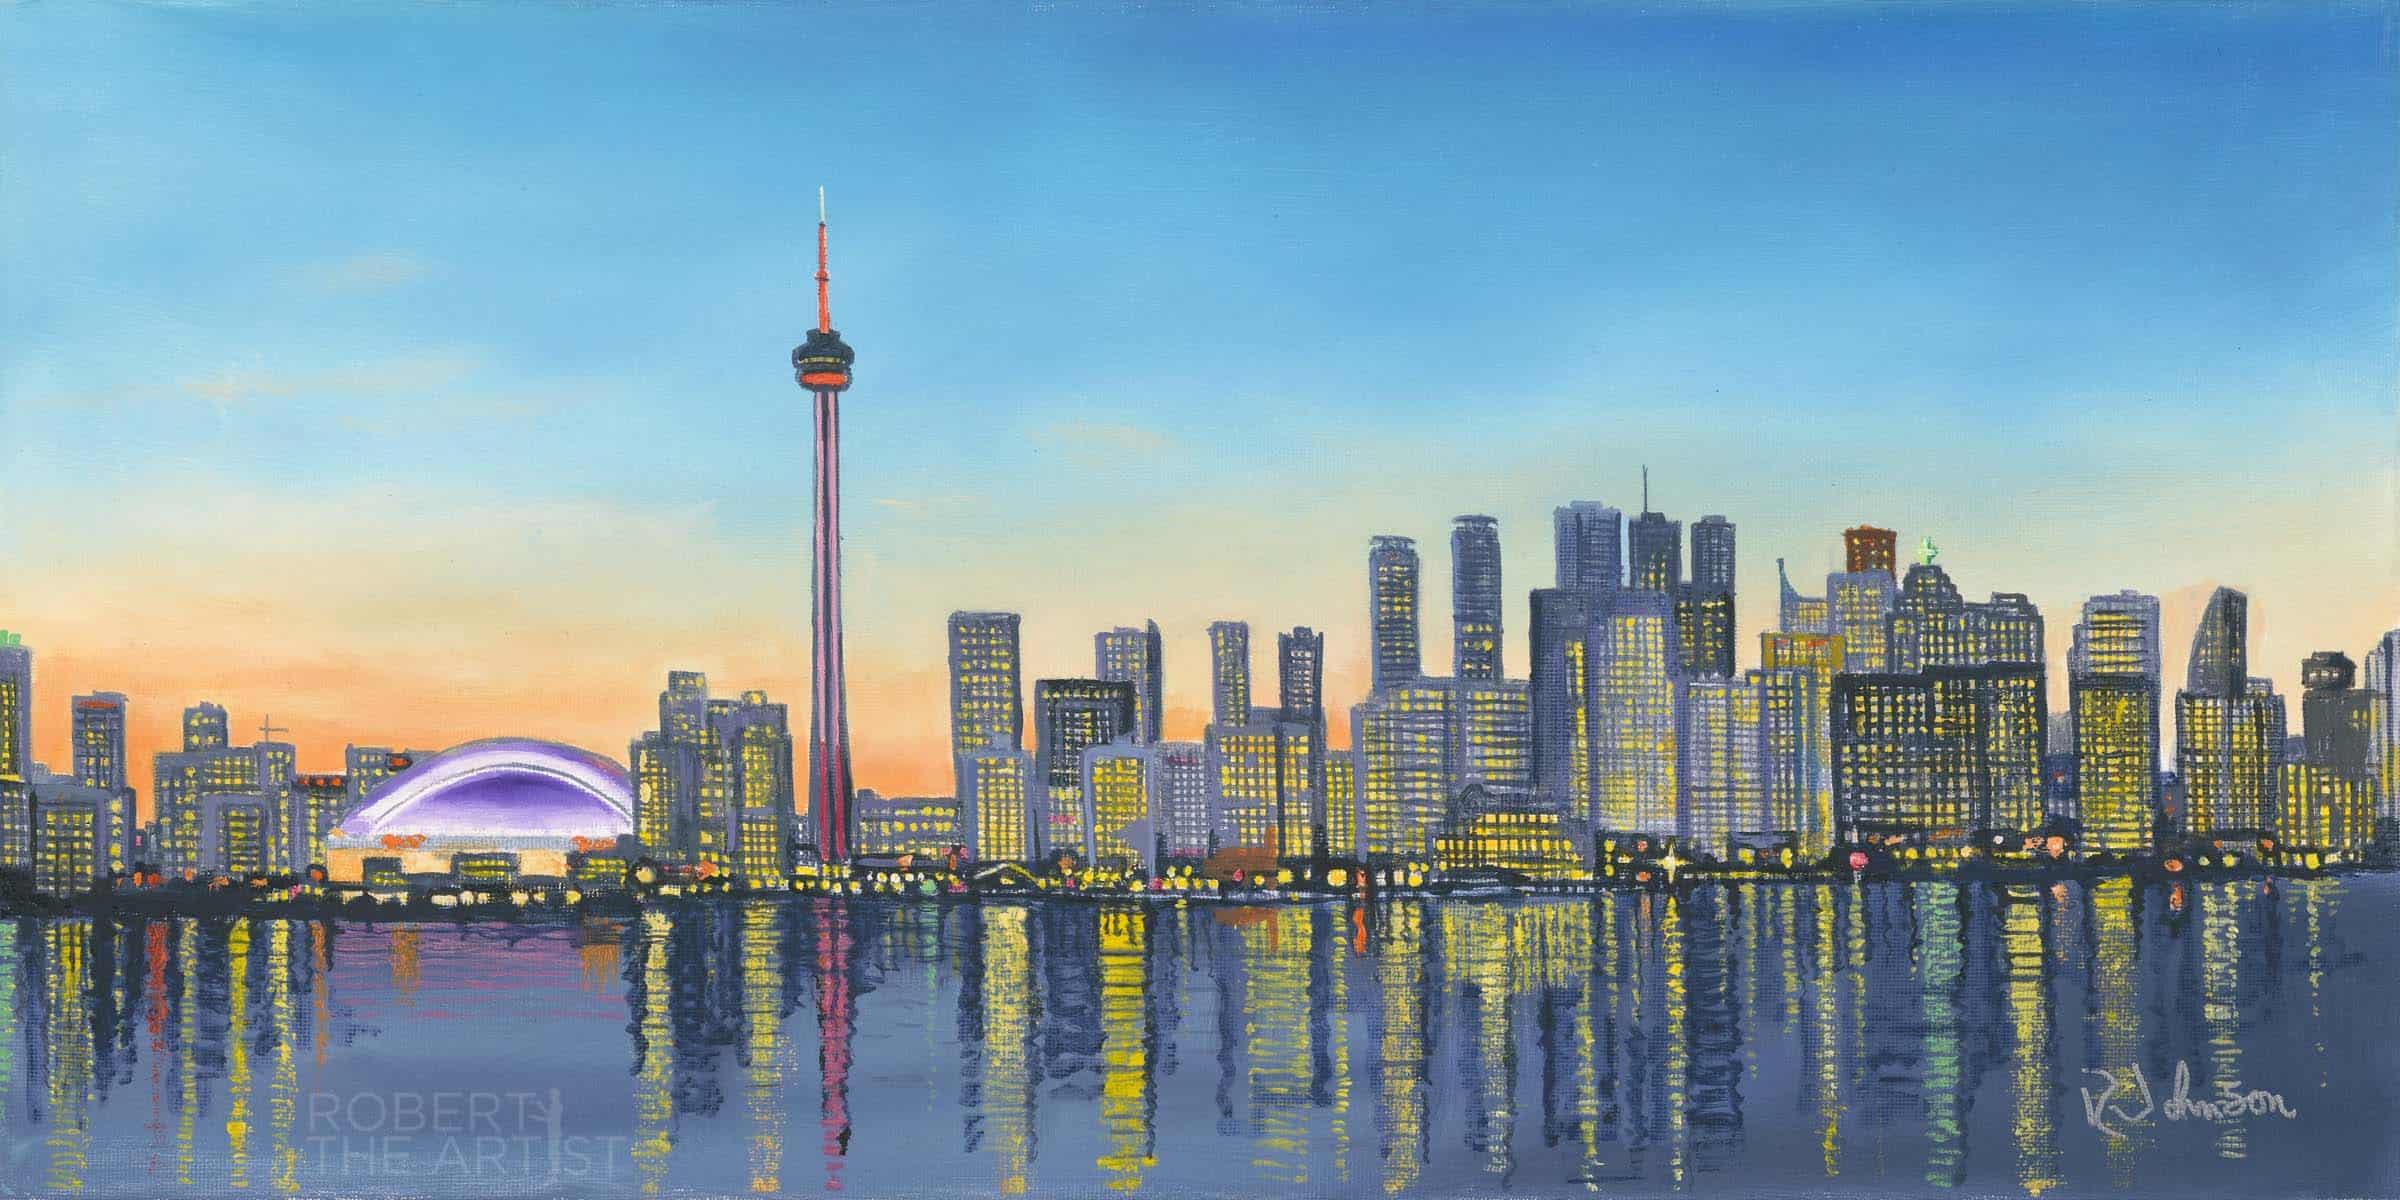 Toronto Skyline Night View